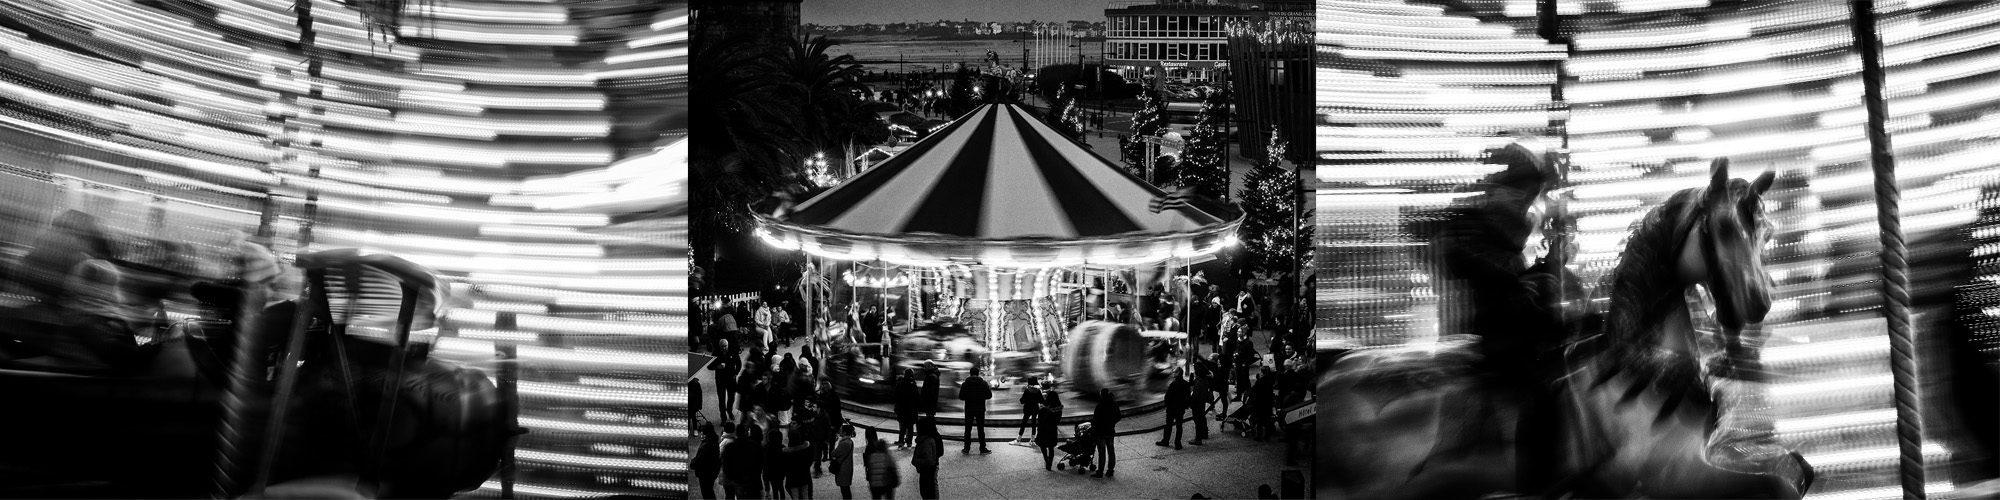 Manège de noël à Saint-Malo : carrousel noir et blanc